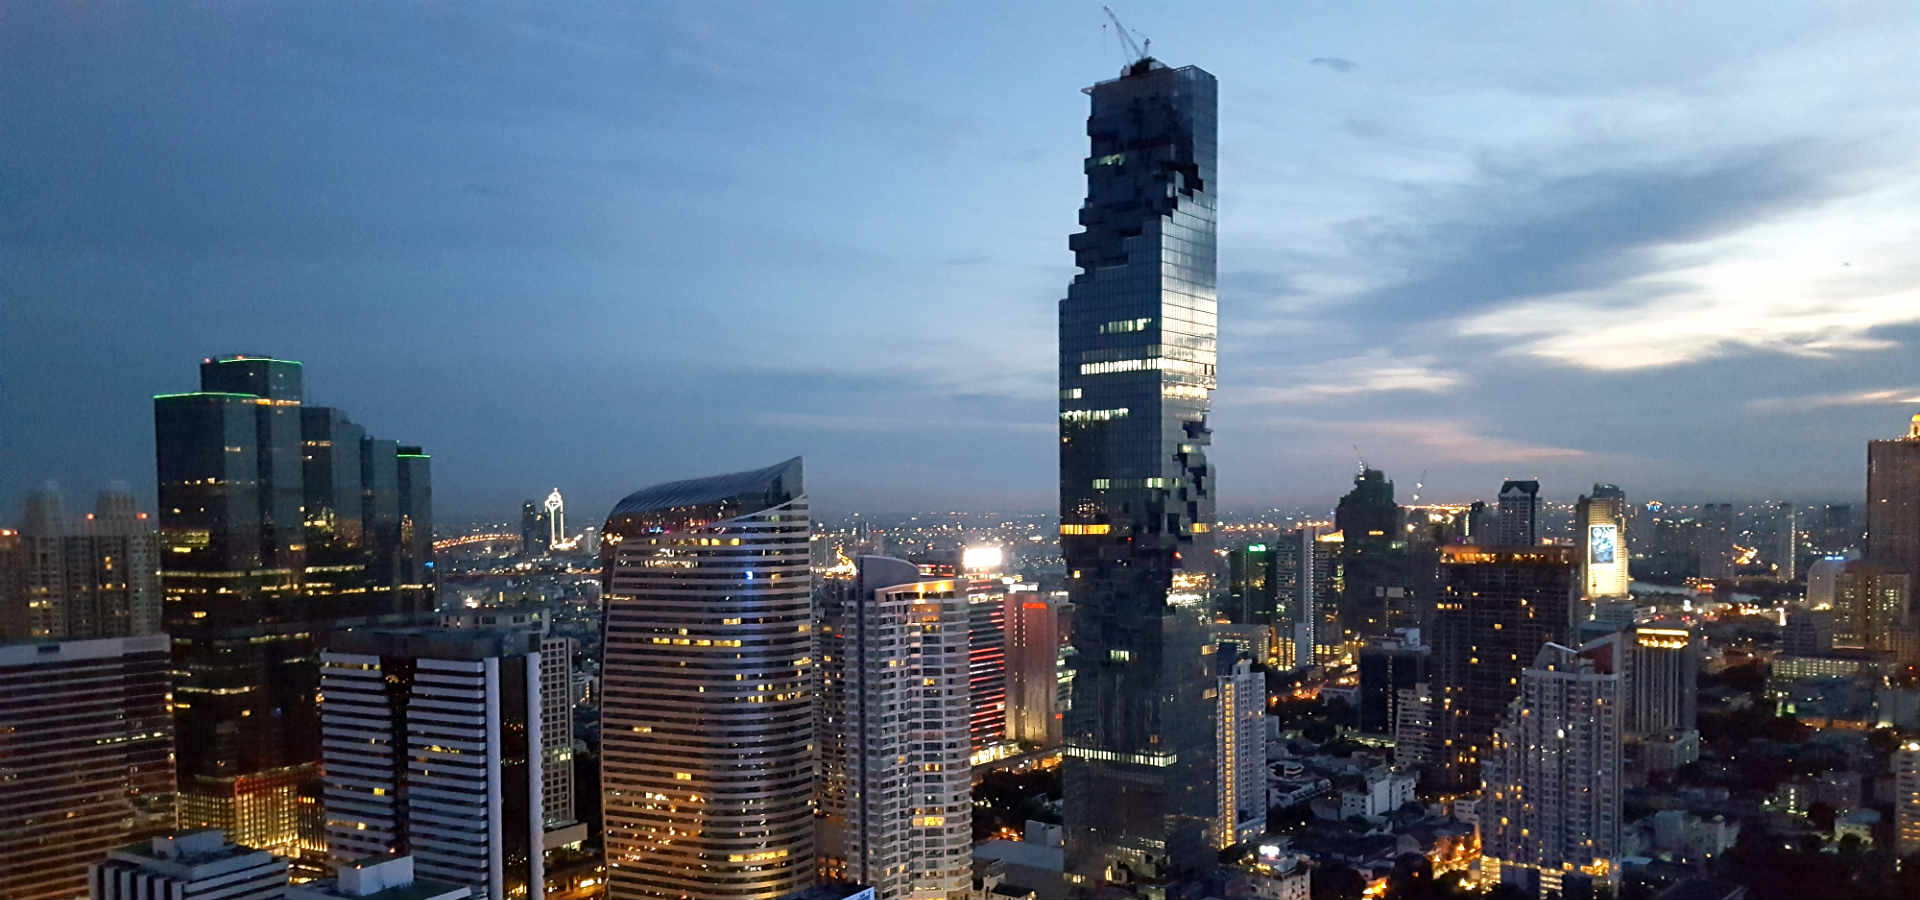 Pixel Tower in Bangkok